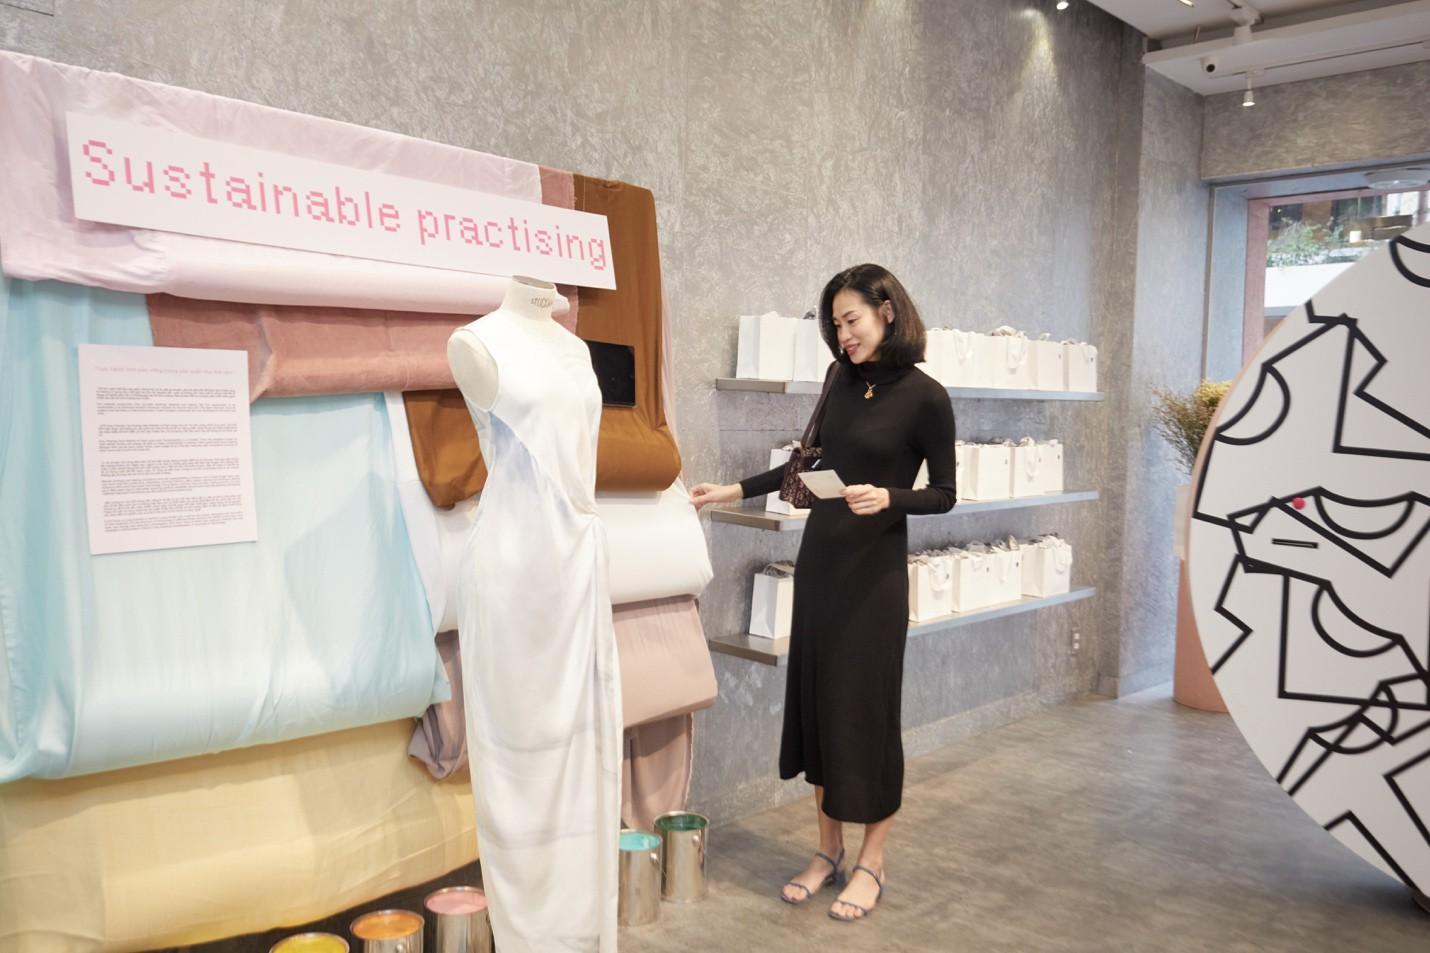 Một chiếc áo phông cotton tốn 2.700 lít nước – Đã đến lúc các cô gái hướng đến thời trang bền vững - Ảnh 2.